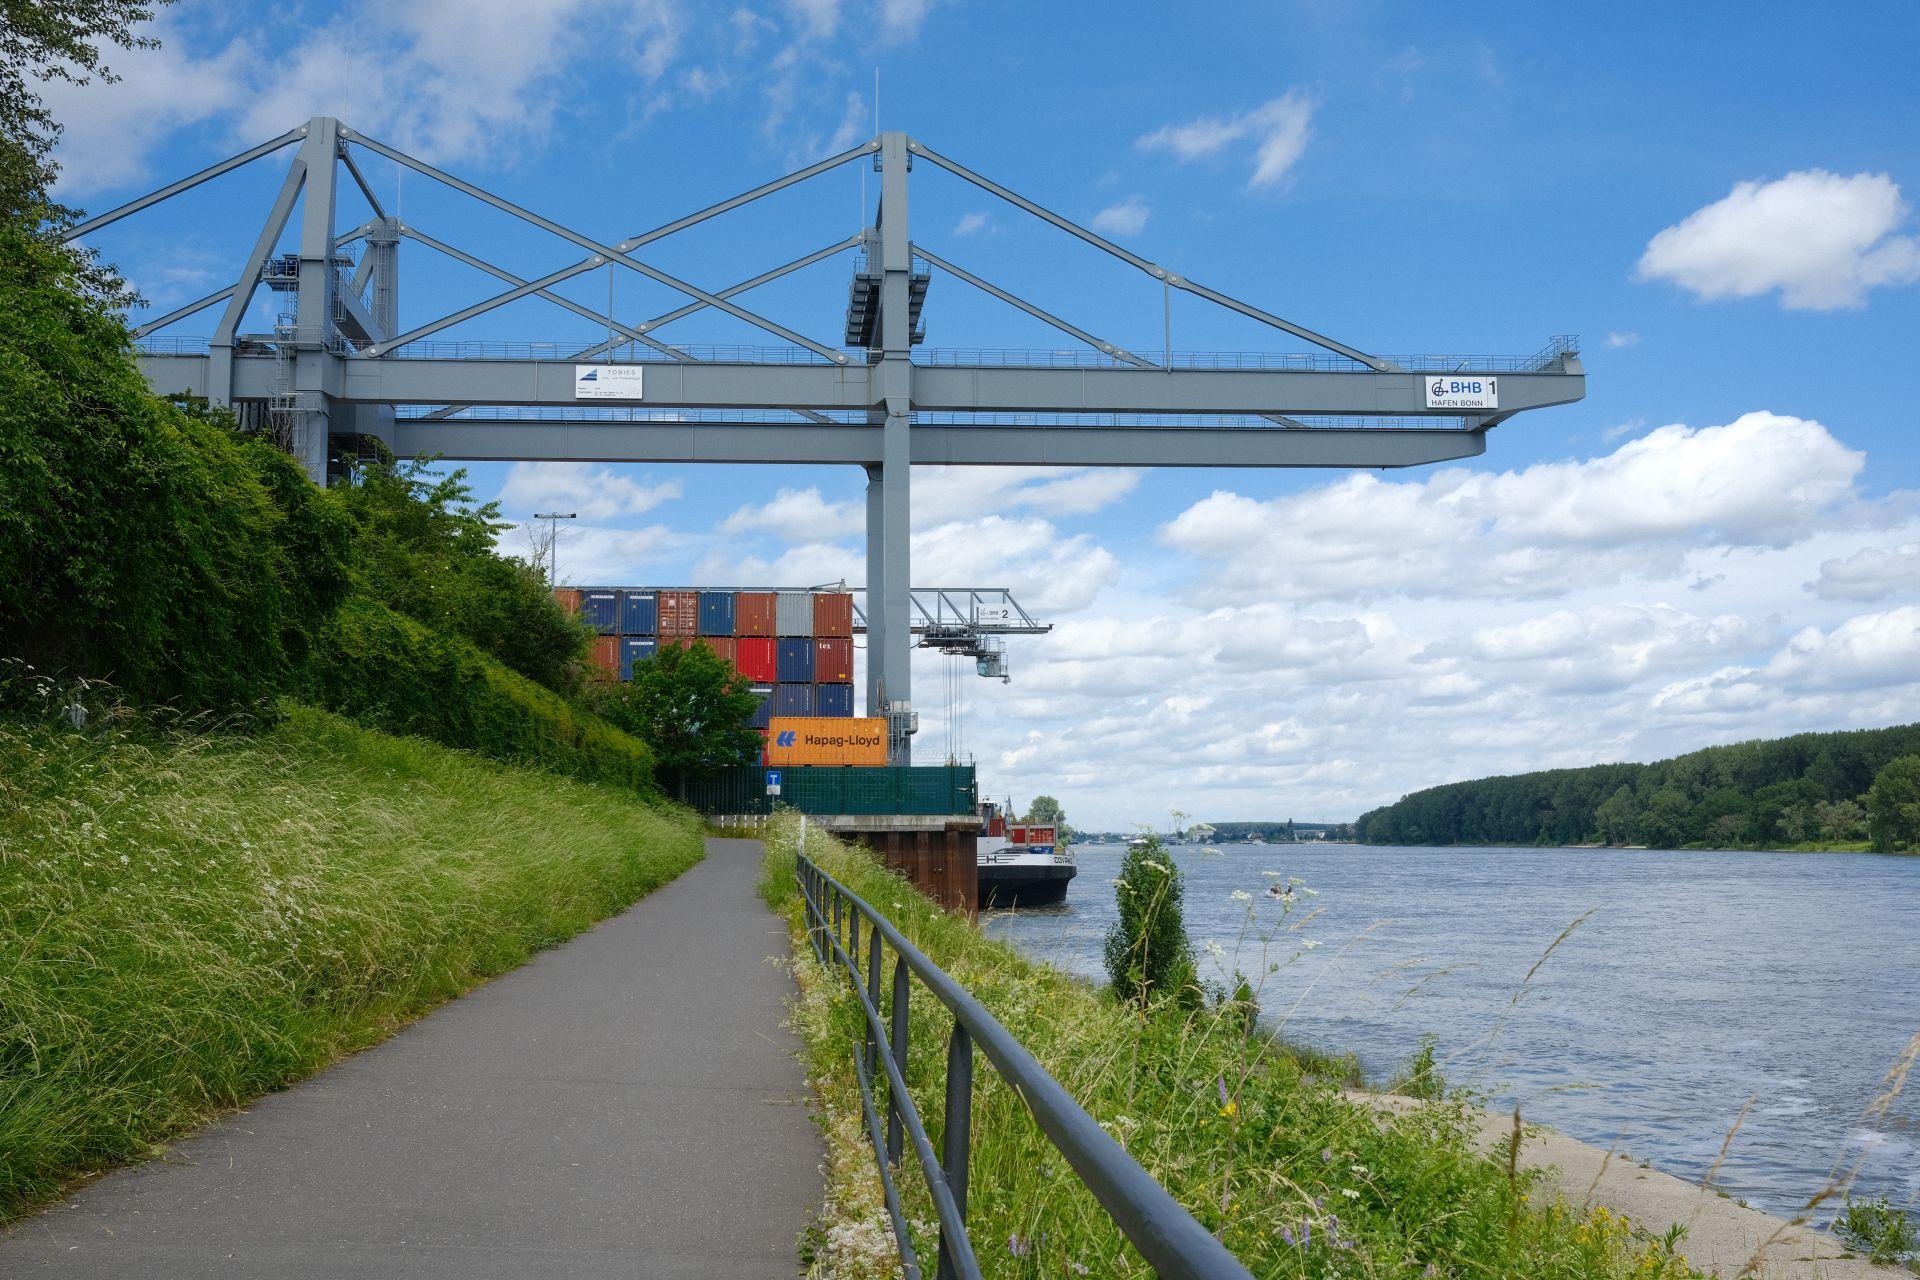 Auf dem Heimweg am Bonner Hafen f/8 1/240sec ISO-160 23mm